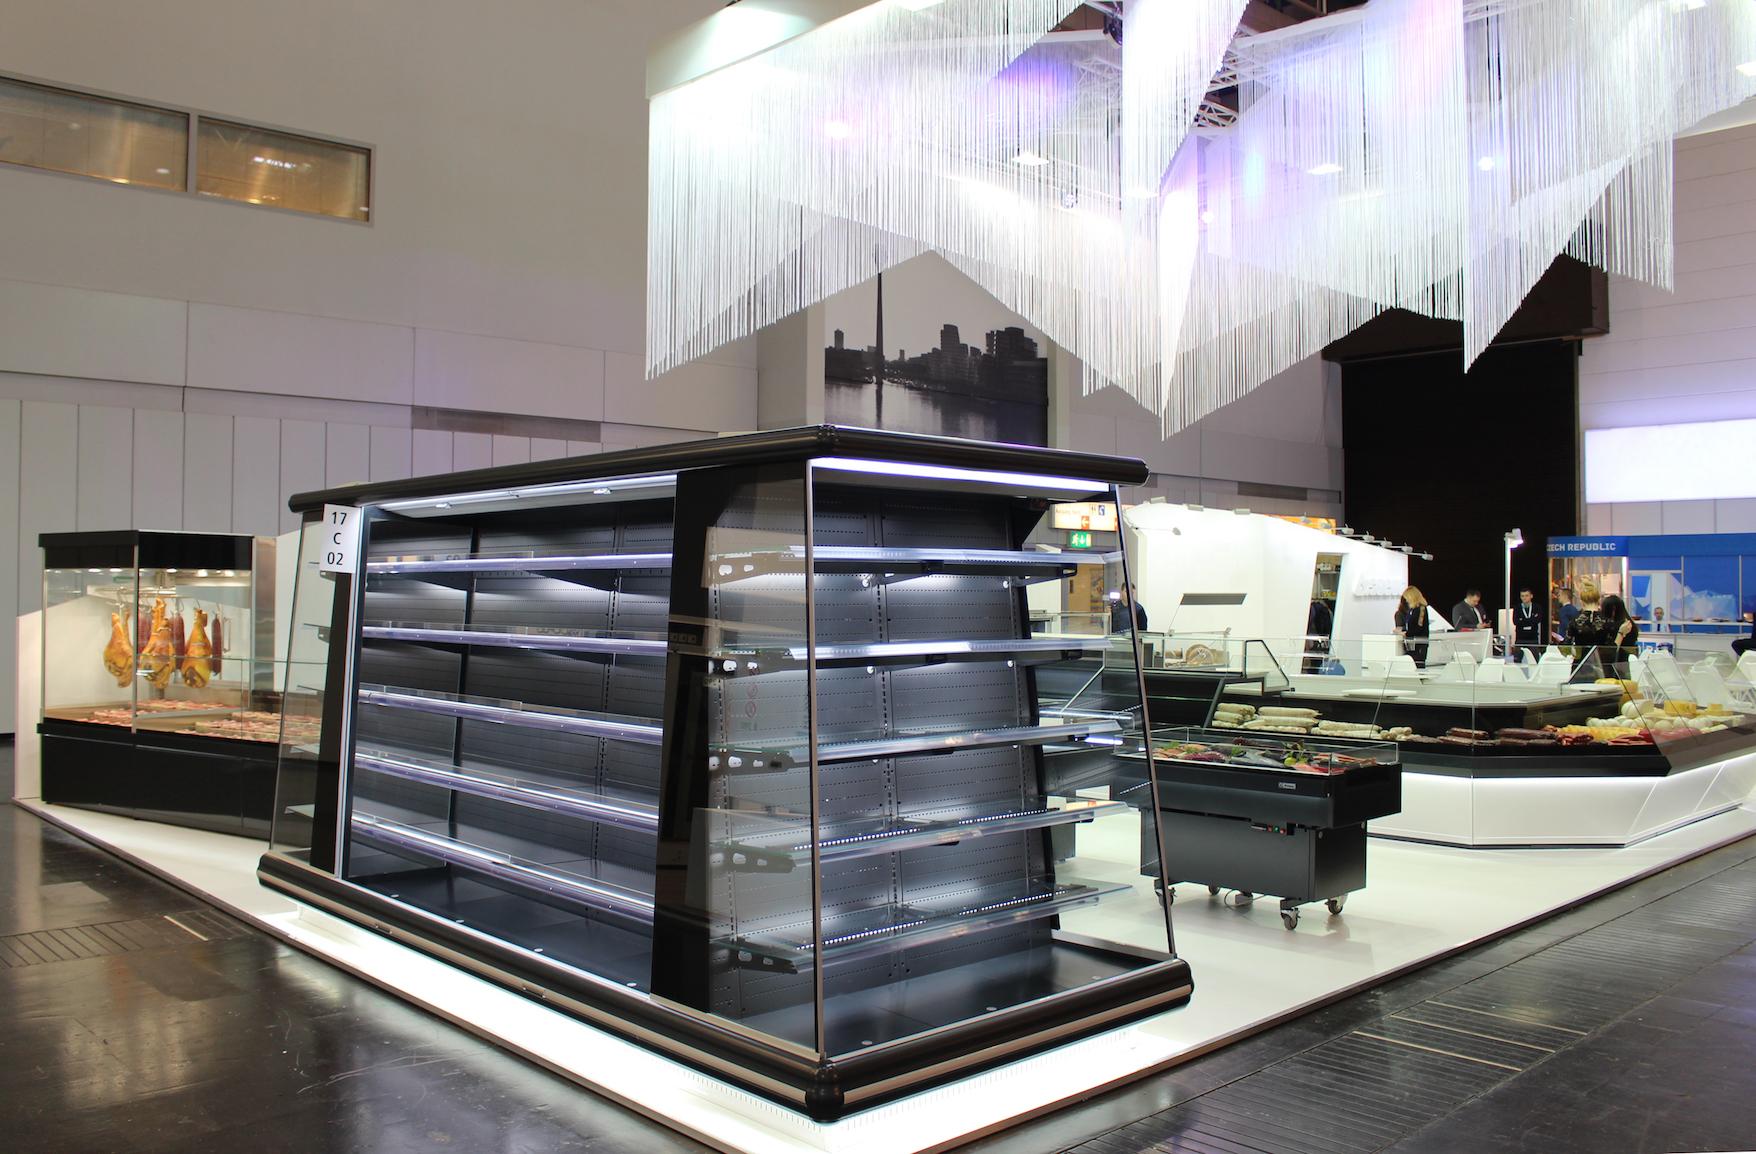 Оборудование компании «Айсберг» на выставке EuroShop в Германии